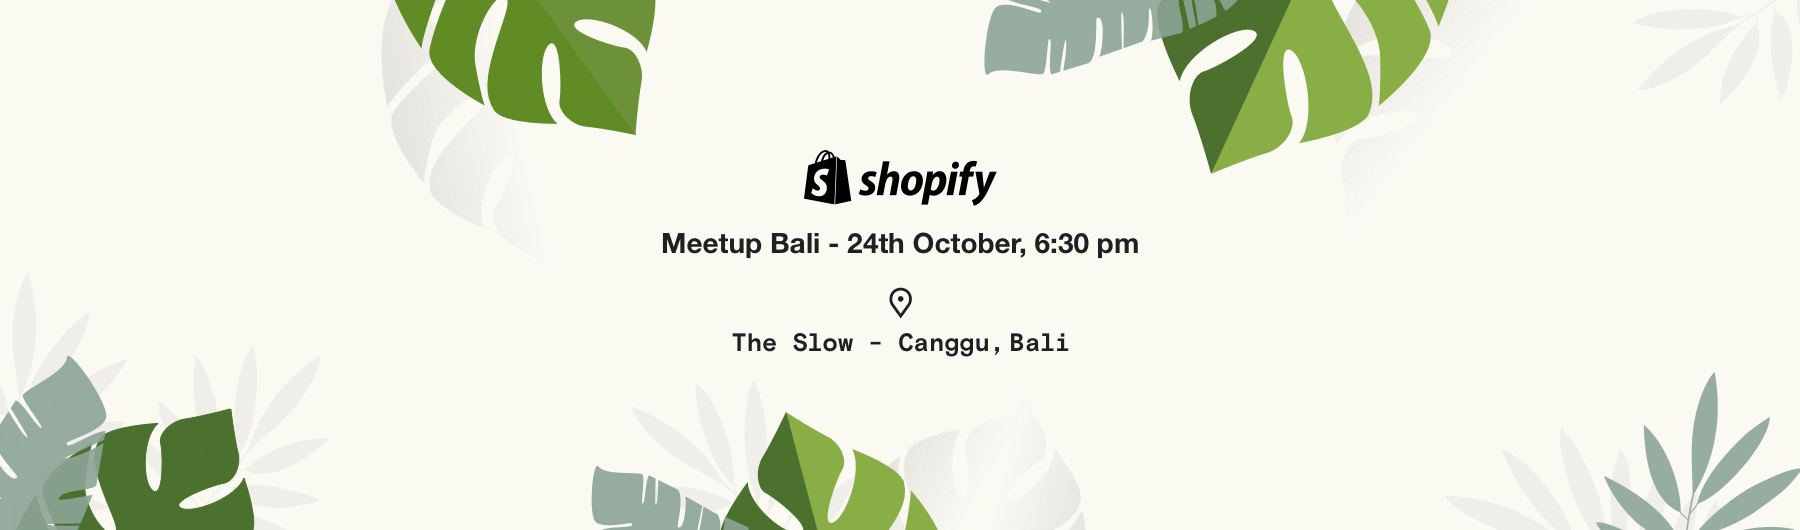 Shopify Meetup Bali